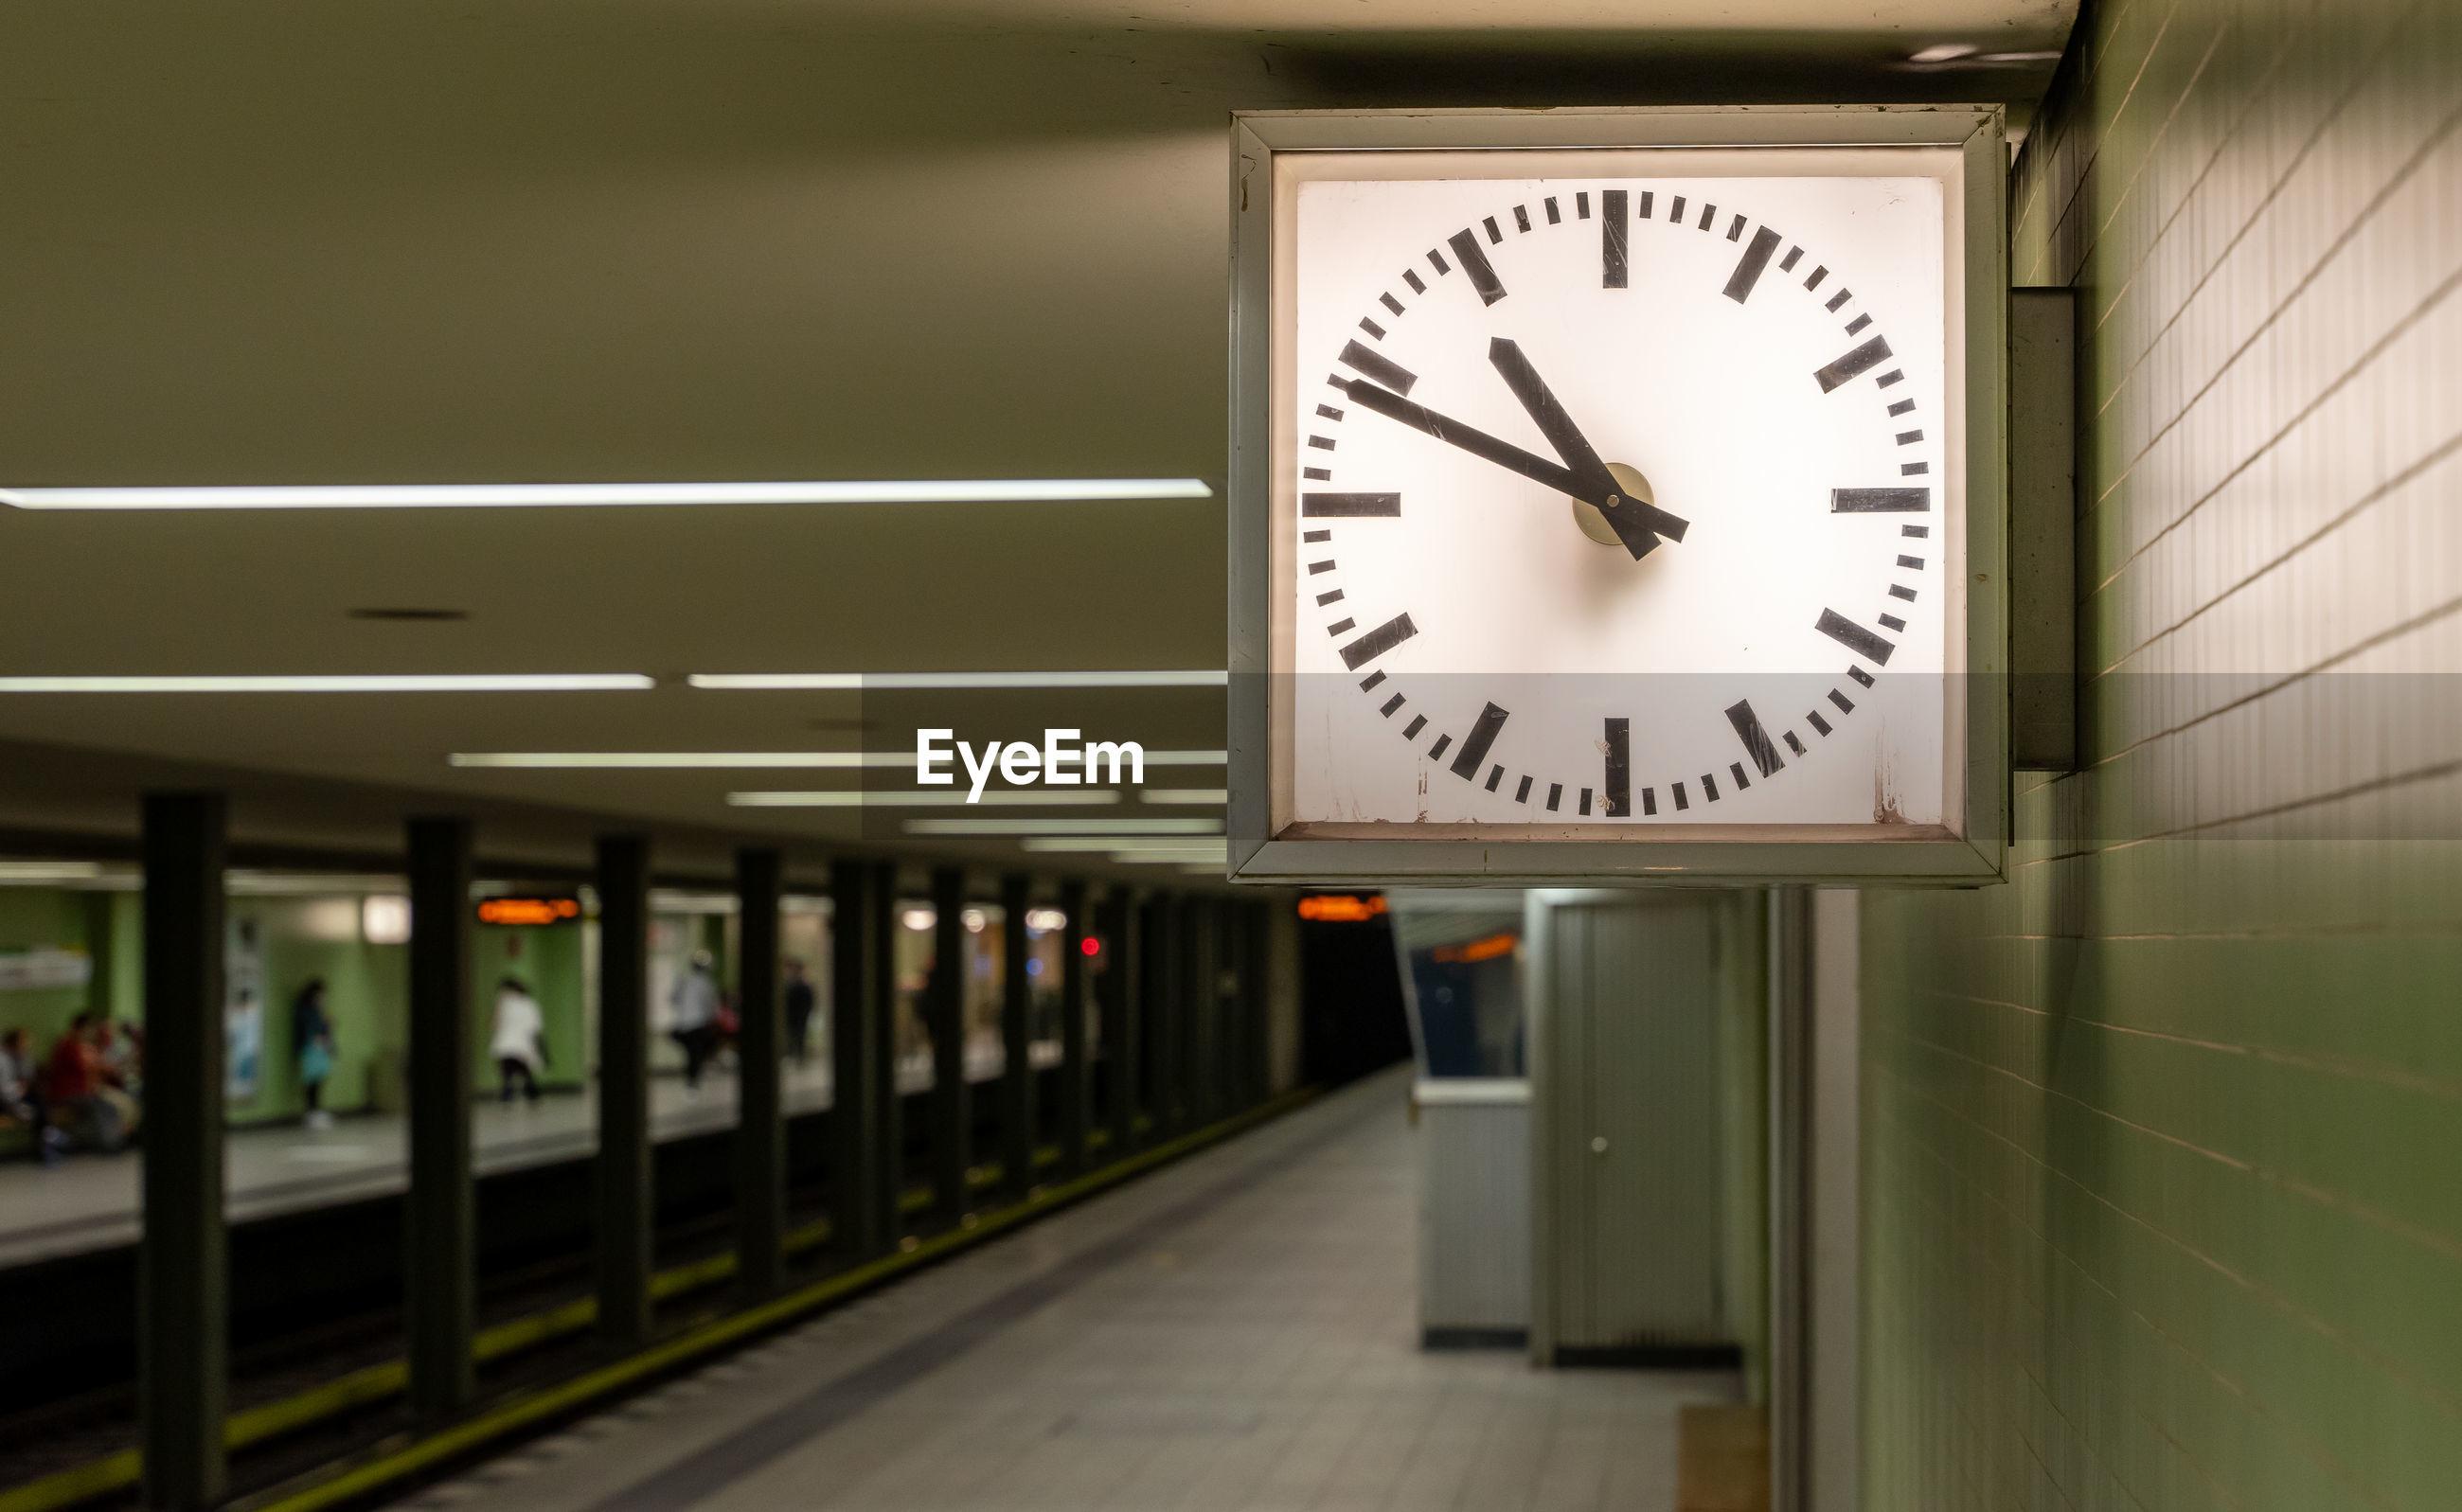 ILLUMINATED CLOCK ON RAILROAD STATION